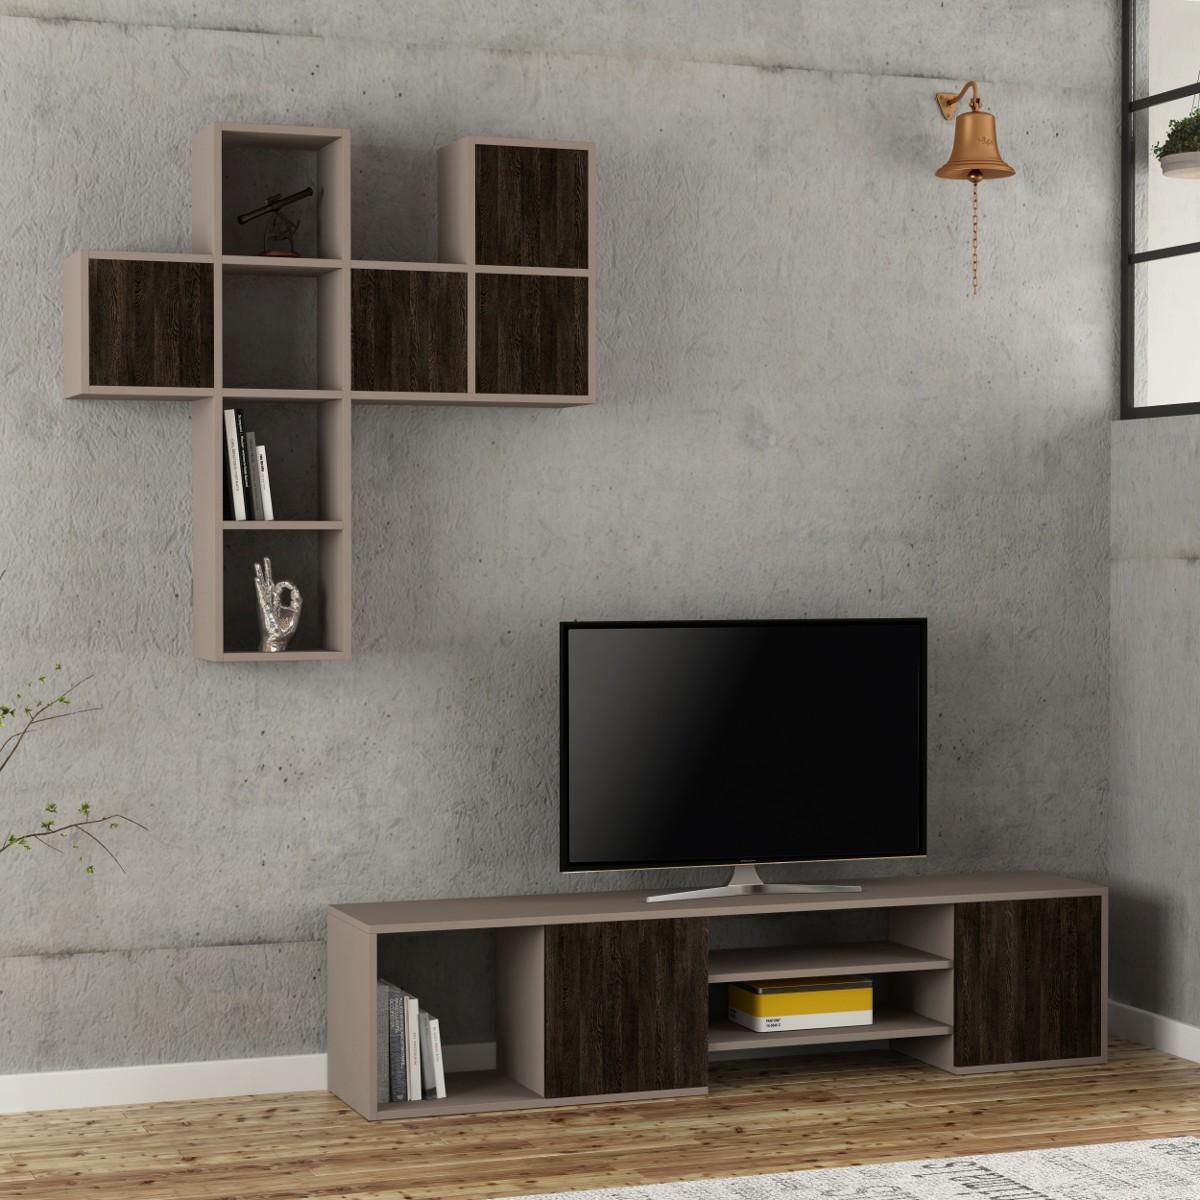 Teancum parete attrezzata con ripiani ed ante legno colorato